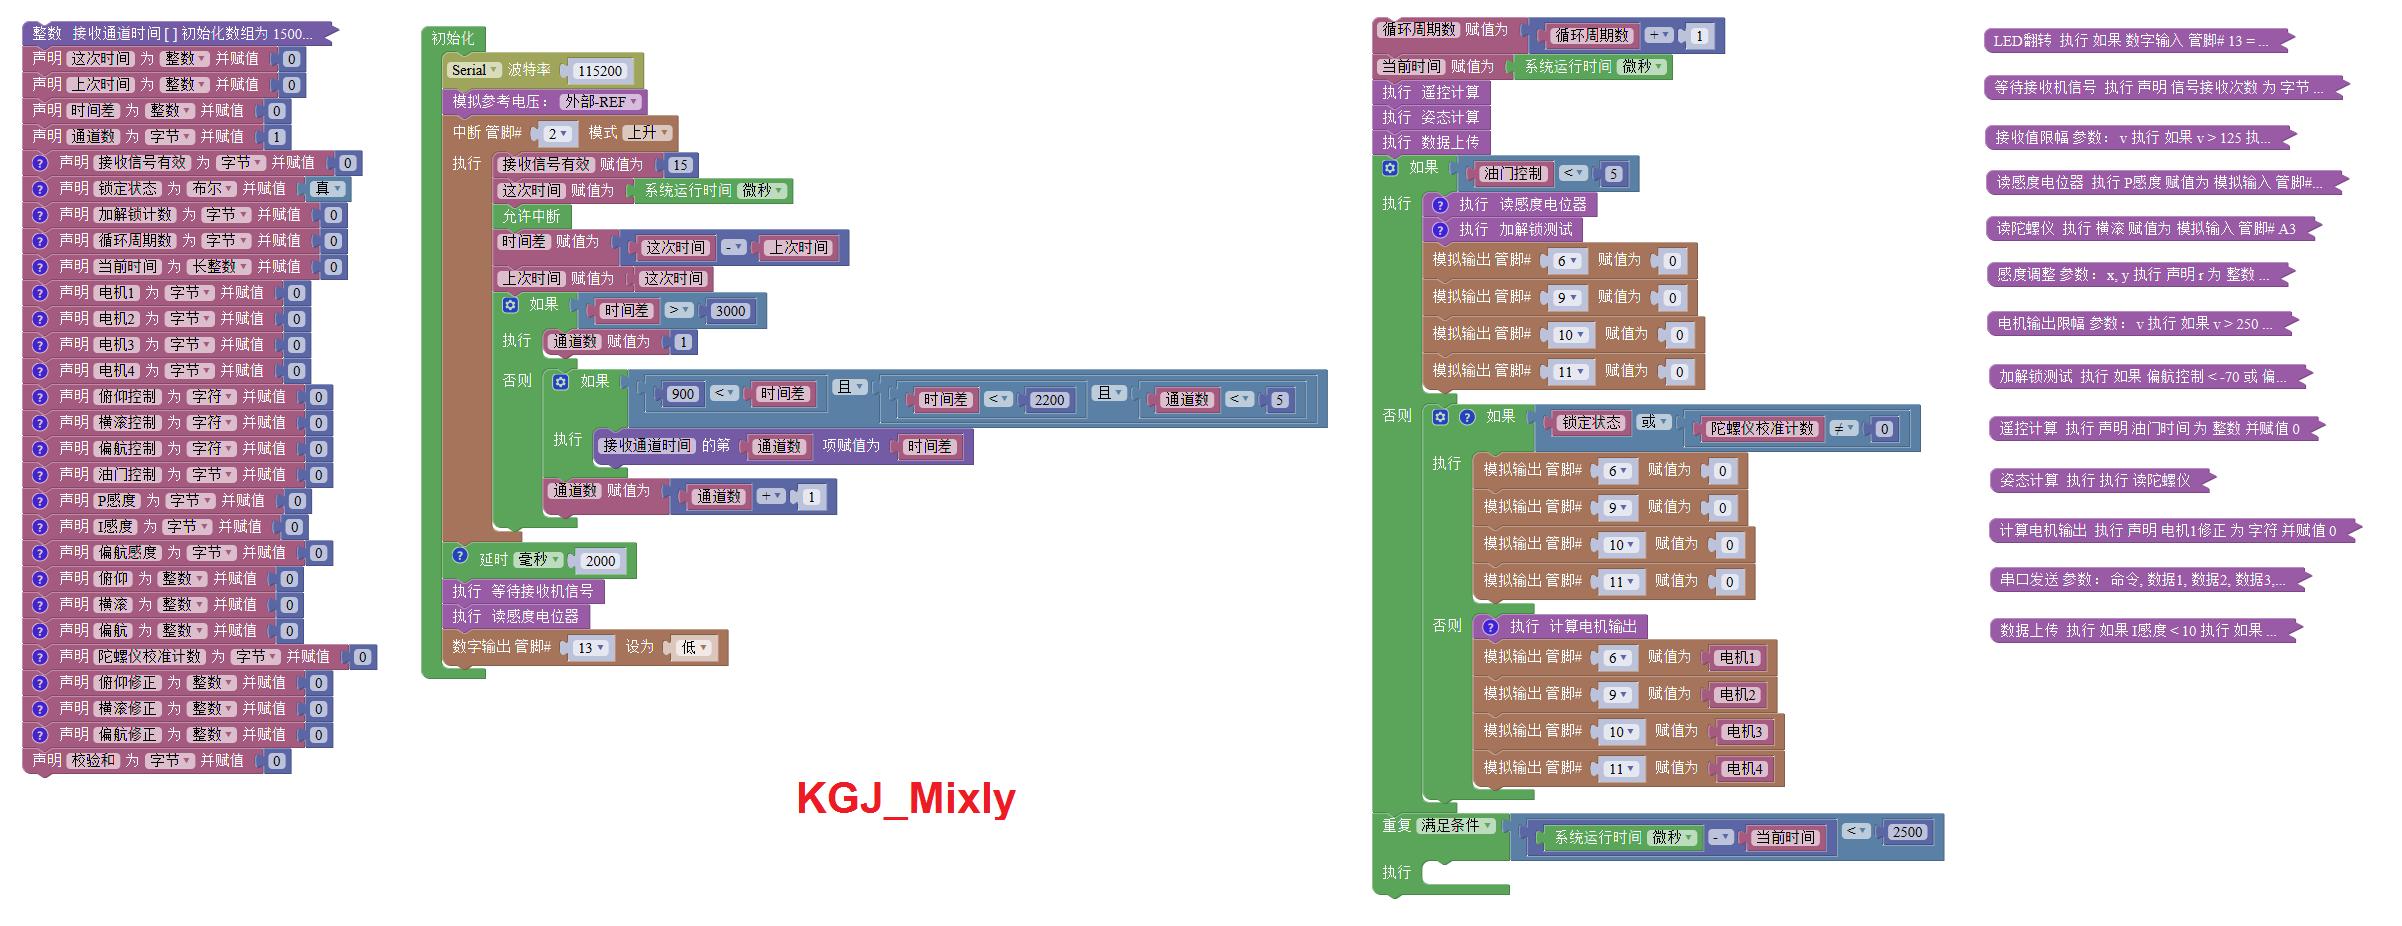 KK_Mixly程序图.png